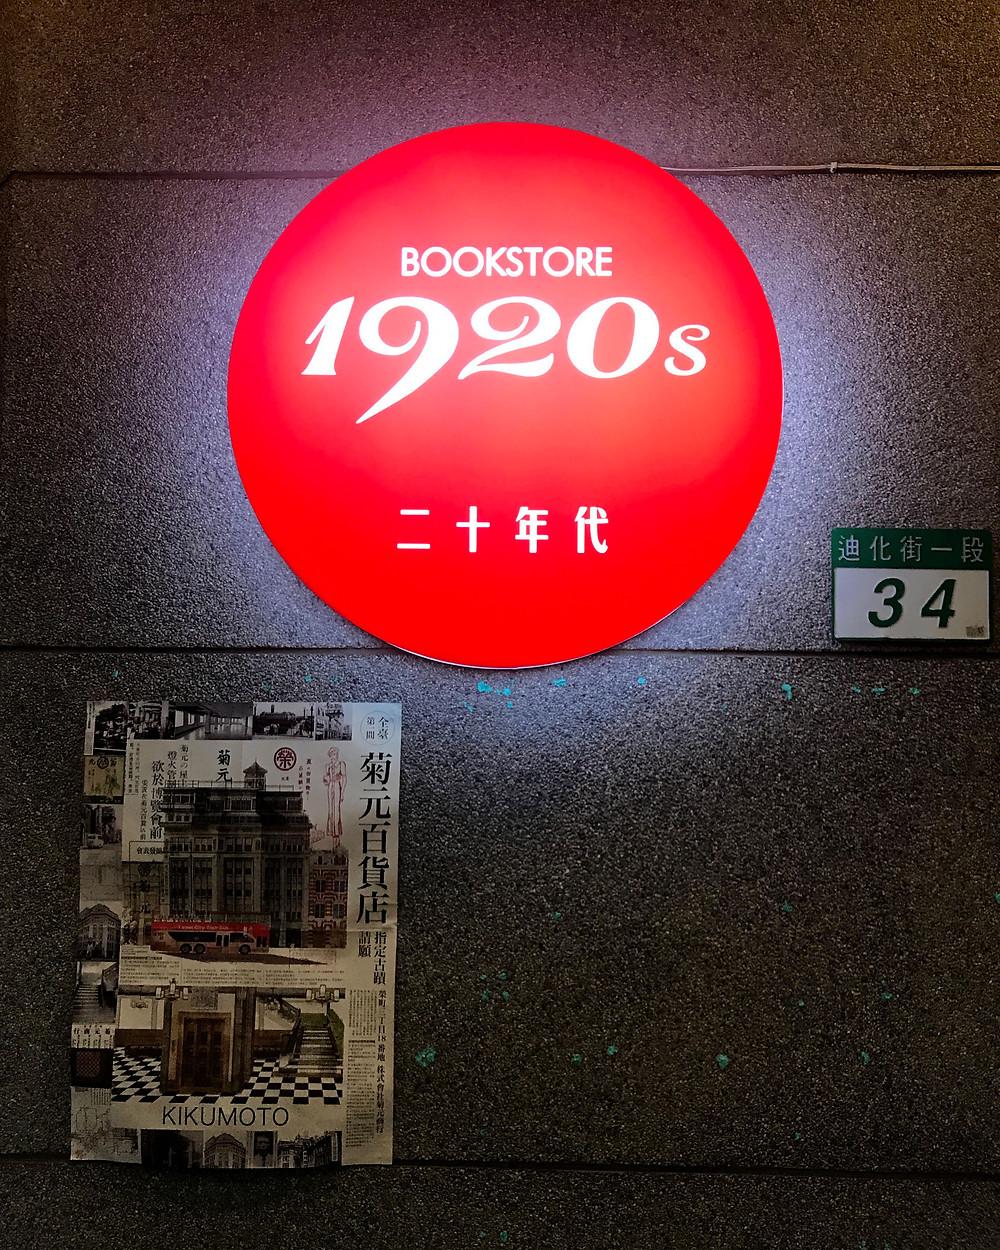 パッケージデザイン会社giftの台湾旅行記写真2